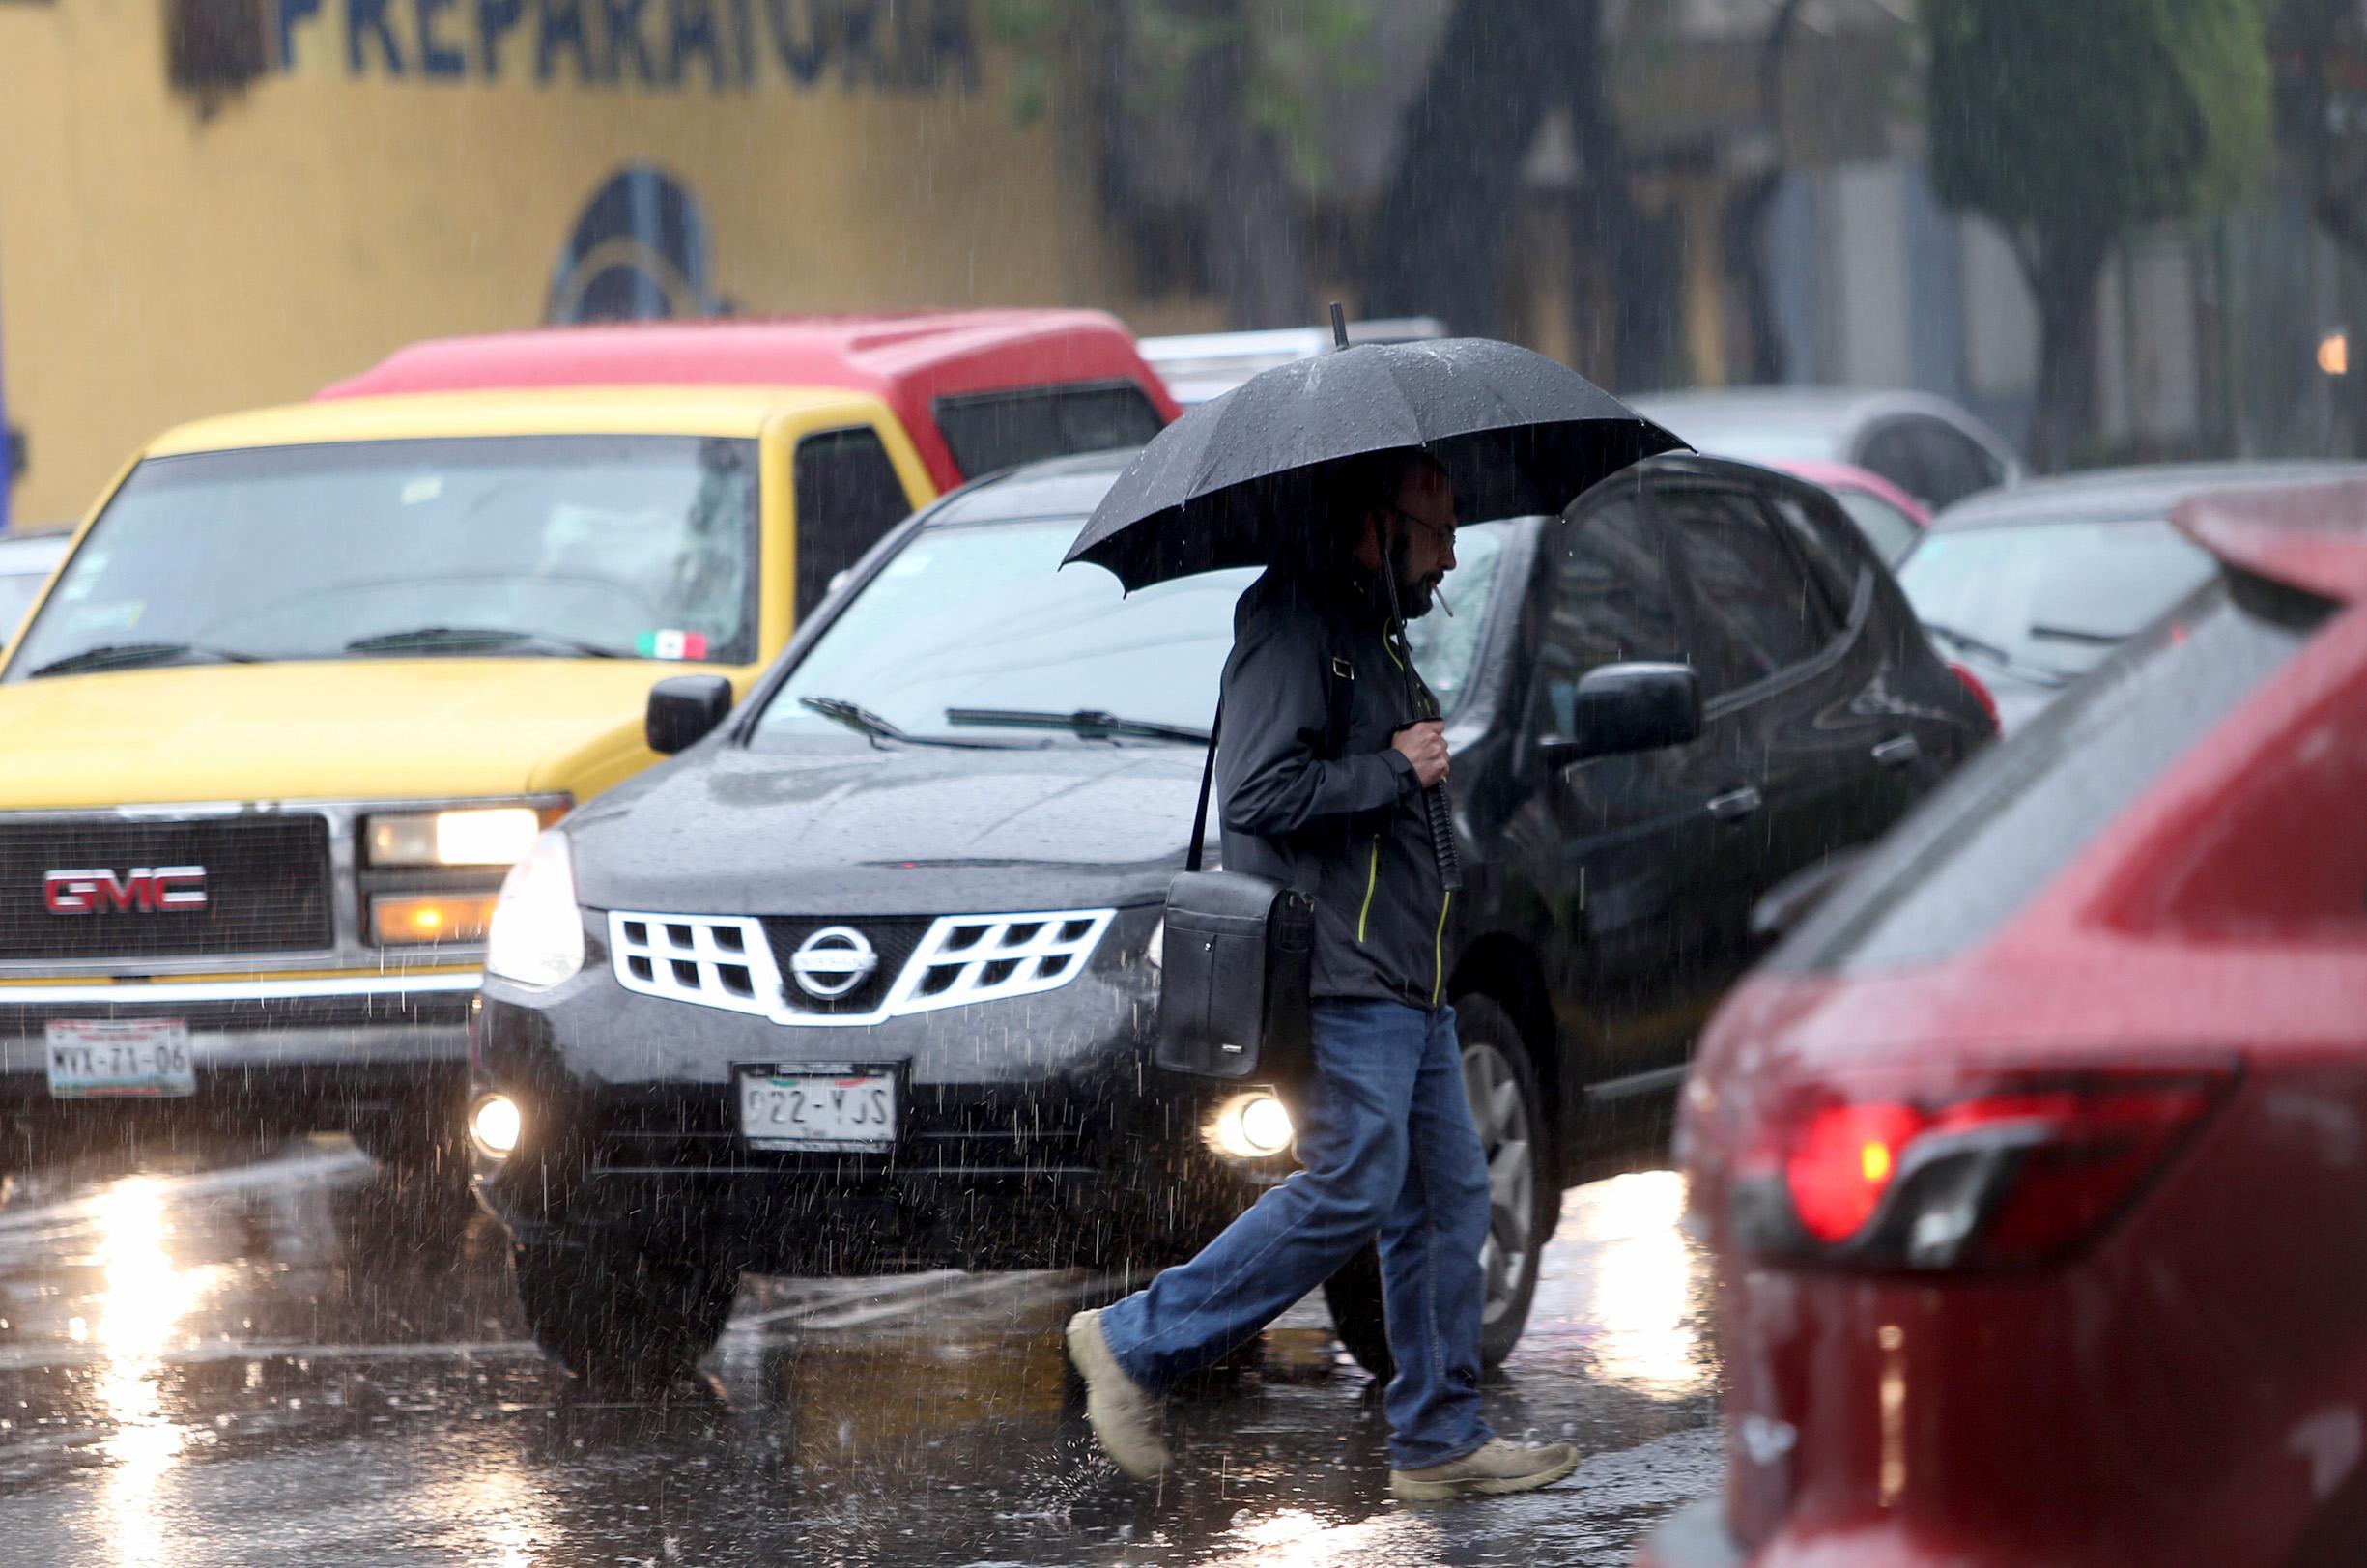 Se prevén lluvias y tormentas por la tarde-noche en región montañosa